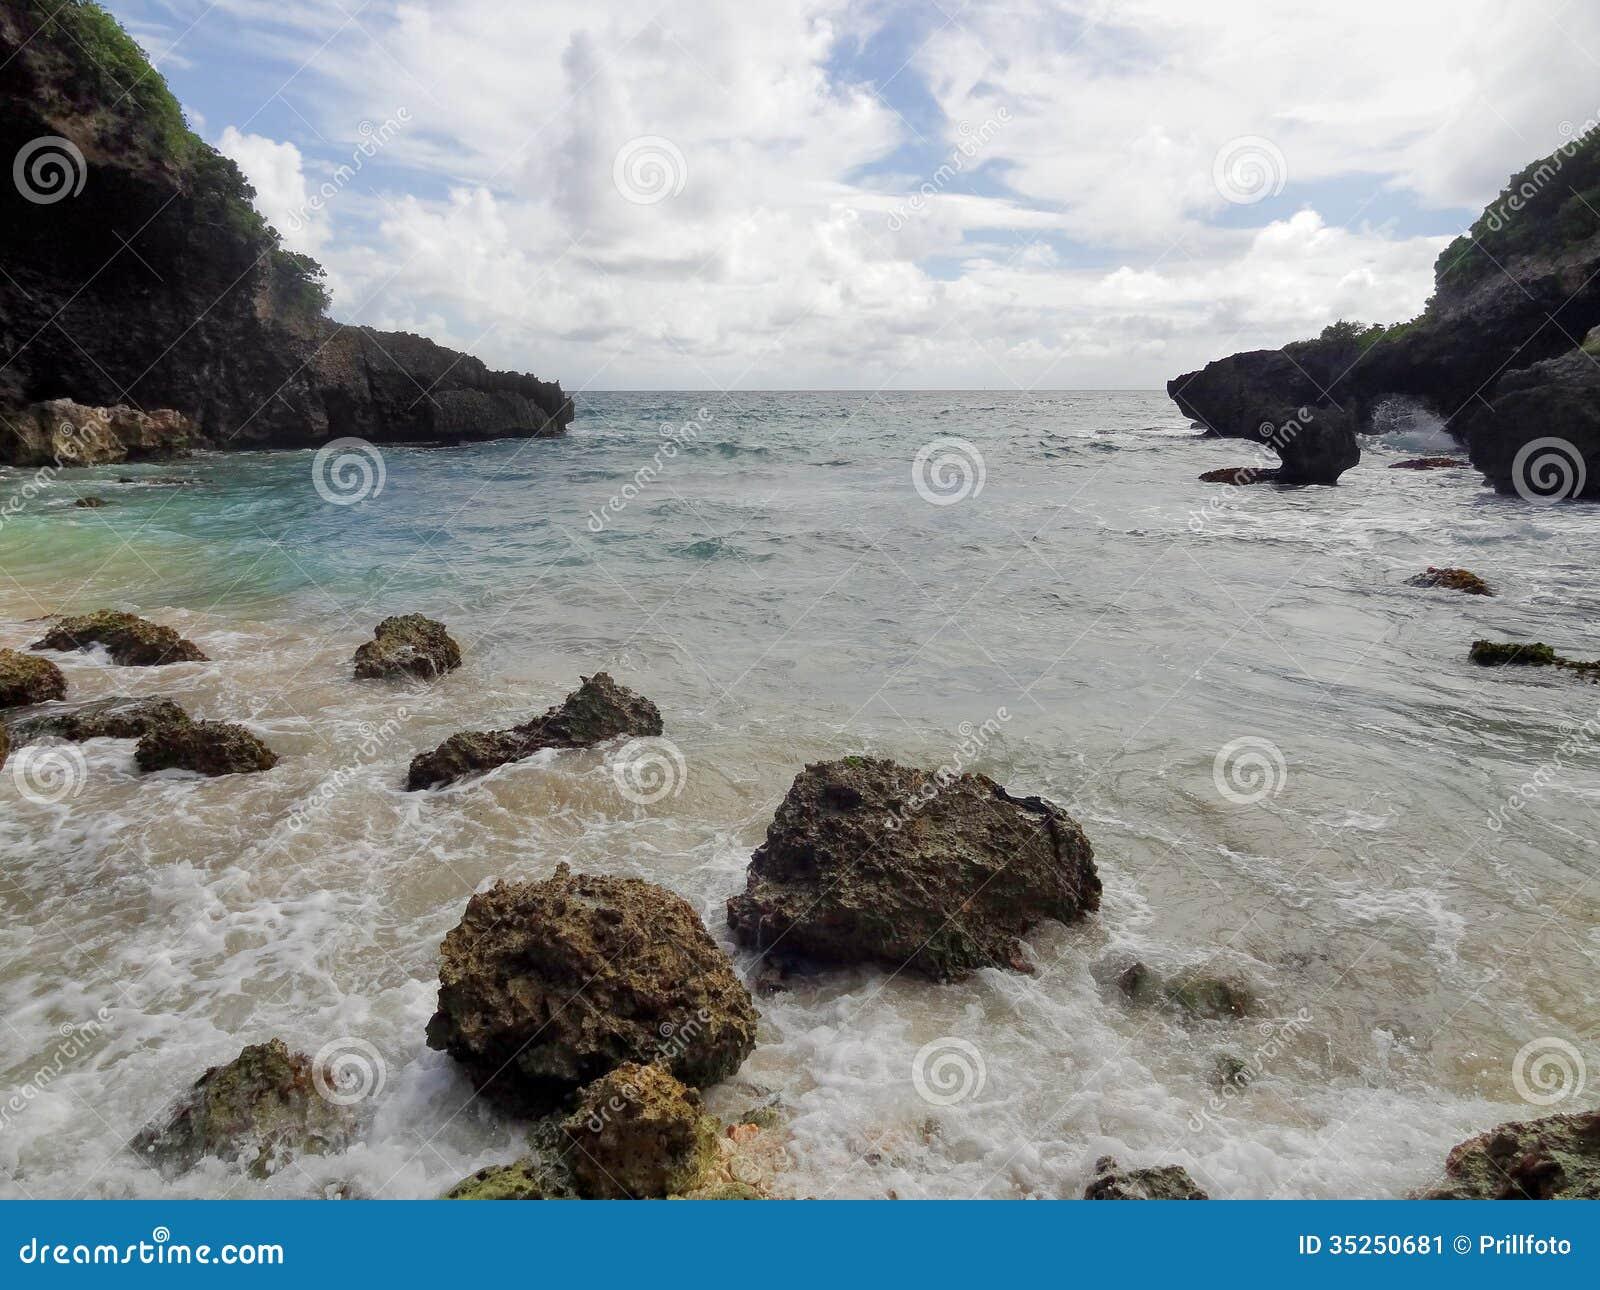 Coastal Scenery At Guadeloupe Stock Image - Image: 35250681